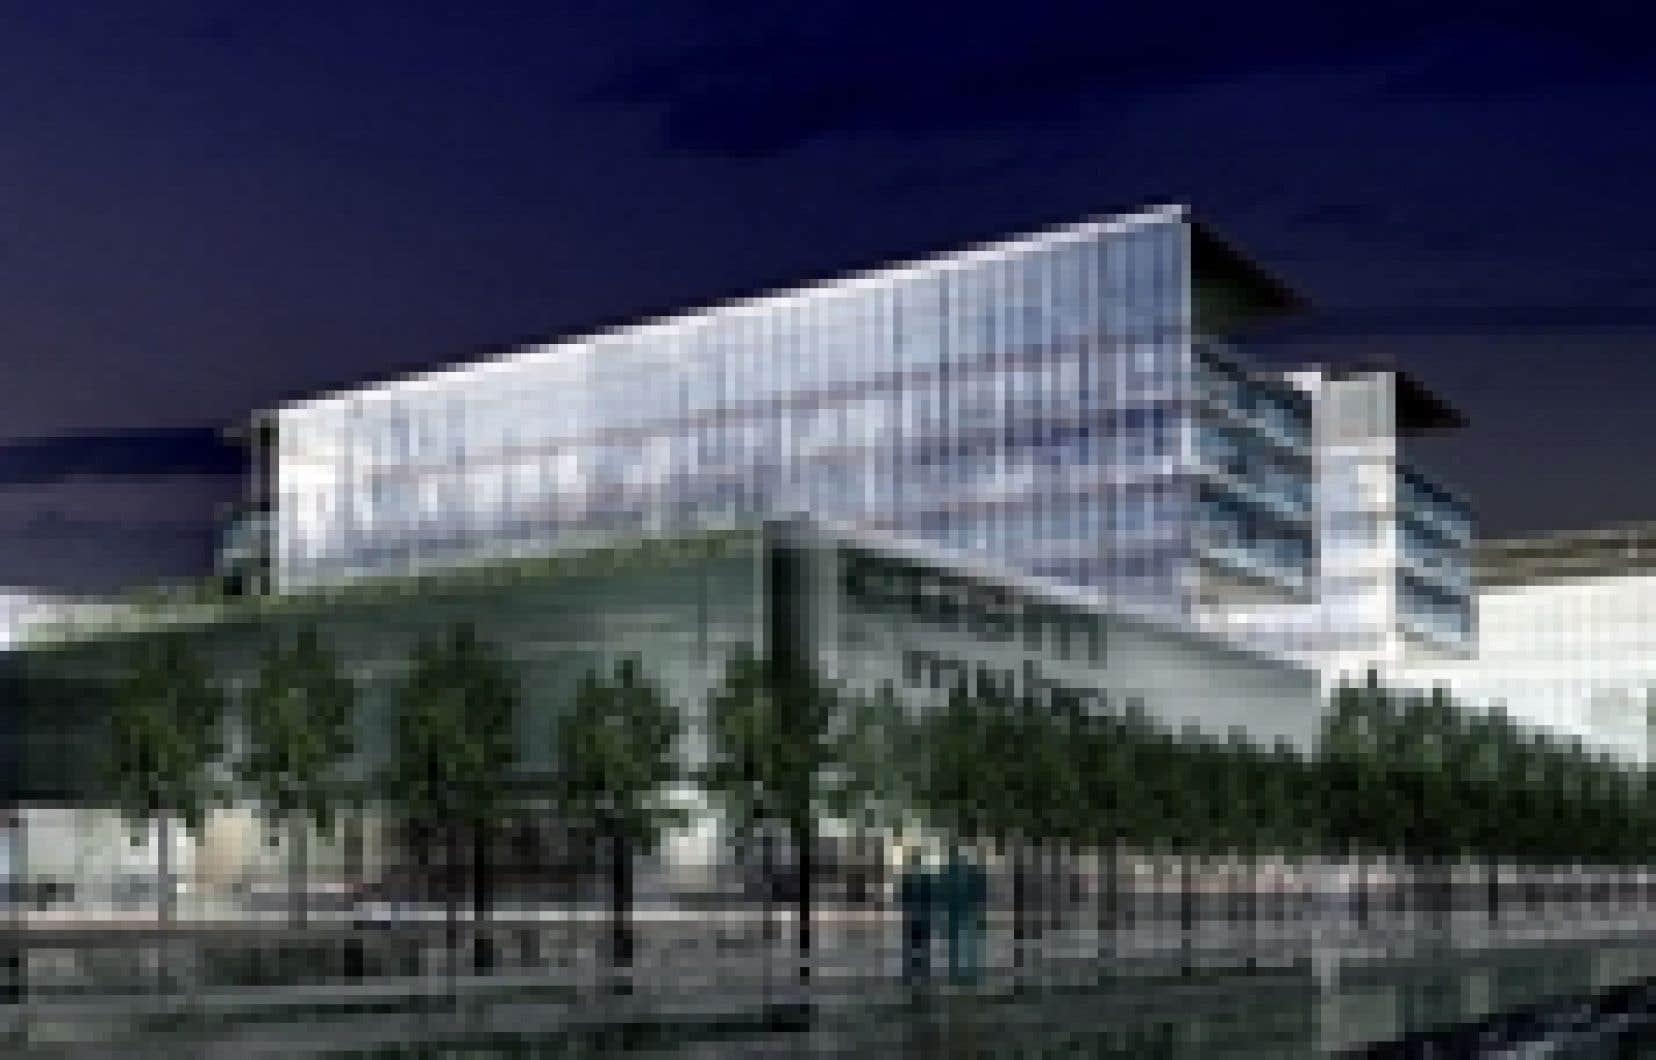 L'ancienne gare de triage Glen où sera construit le futur Centre universitaire de santé McGill (CUSM)